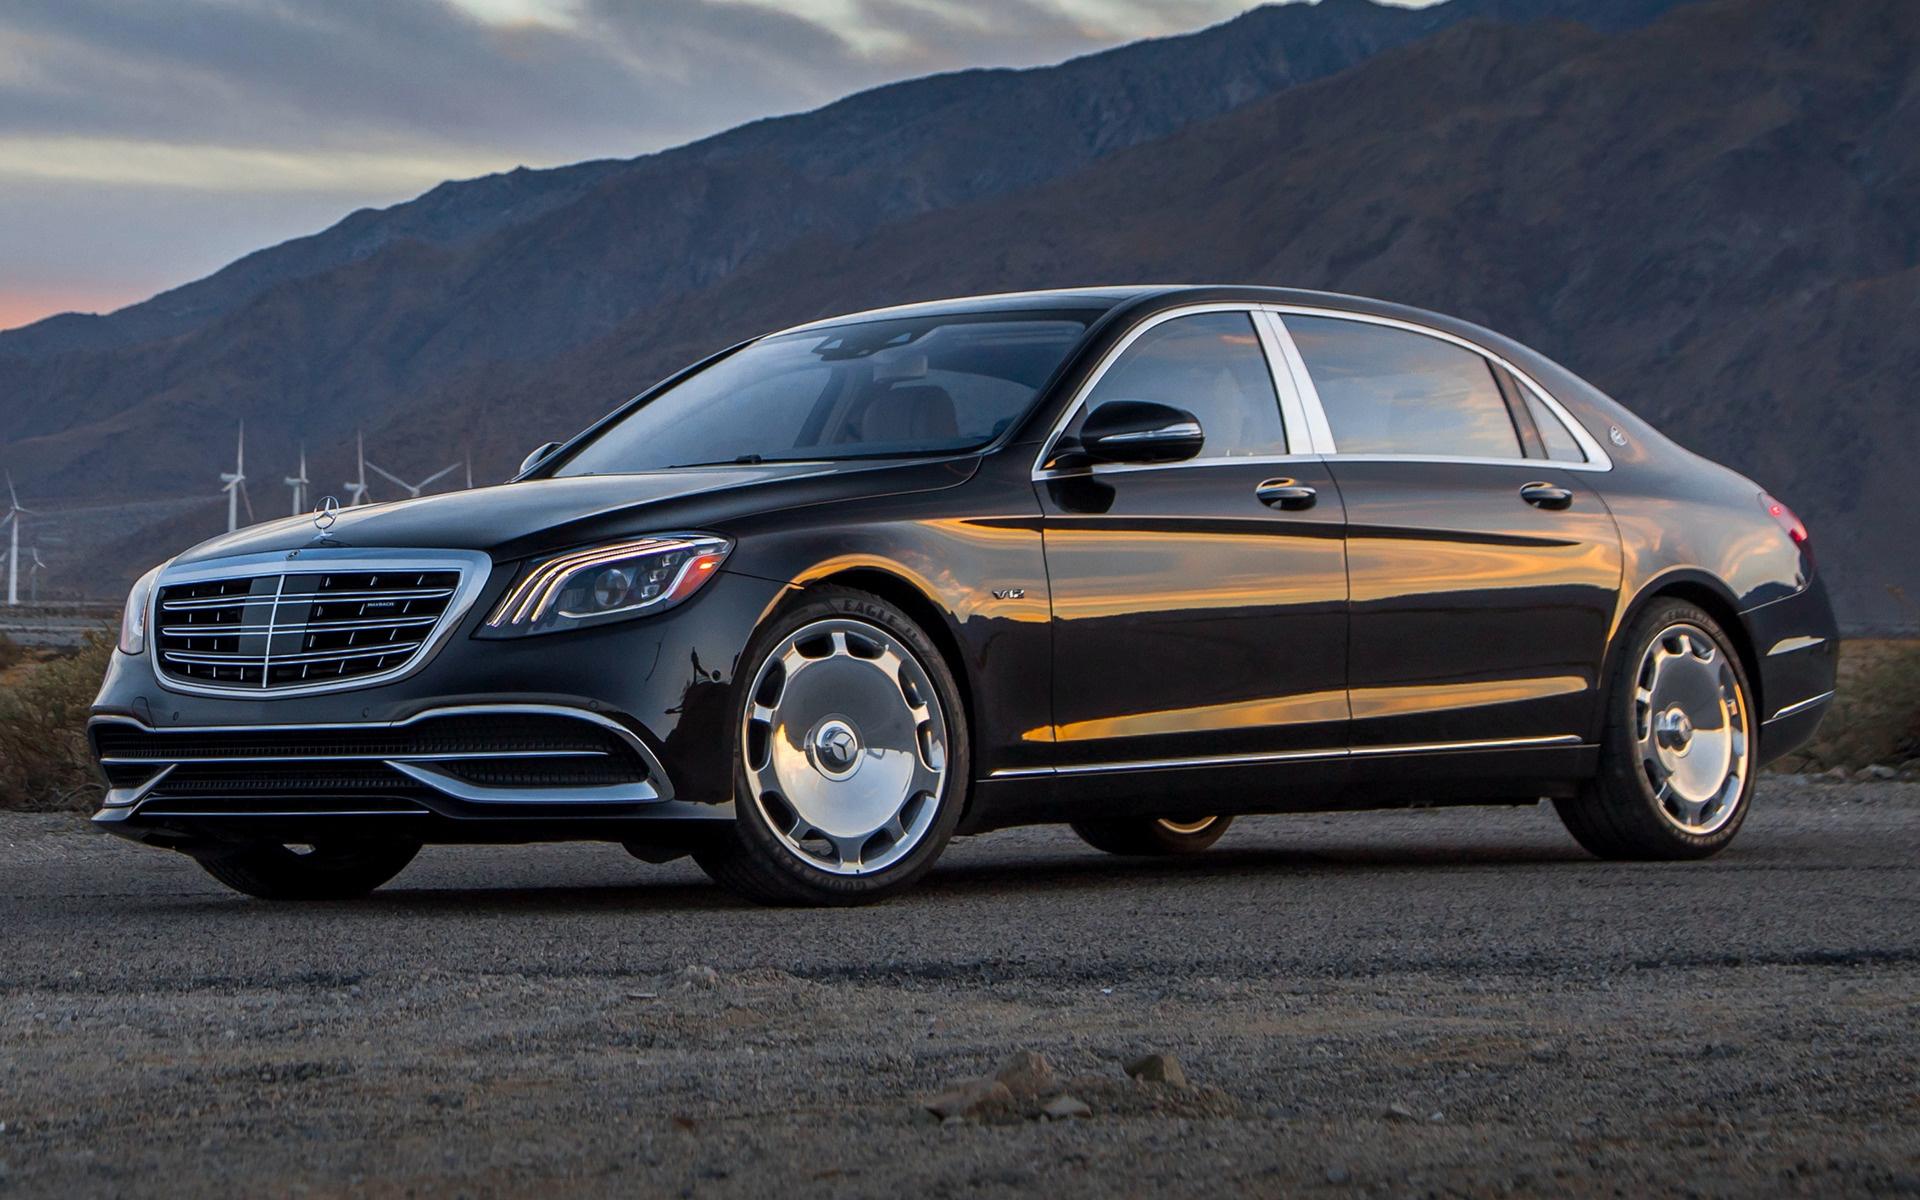 2018 Mercedes Maybach S Class Us Fondos De Pantalla E